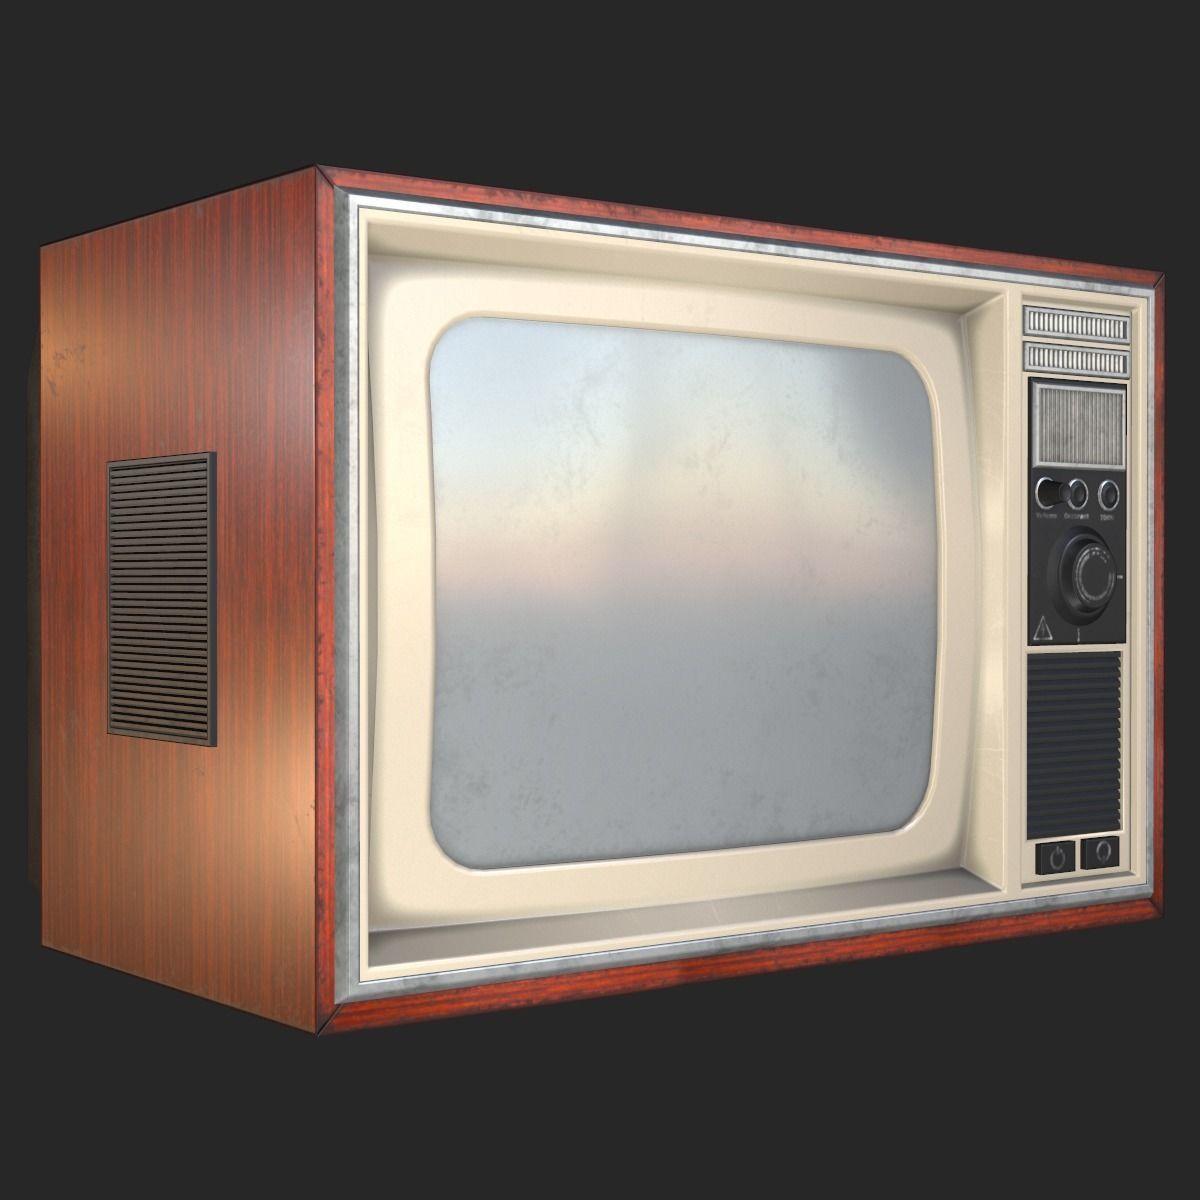 Retro Television 1980s PBR   3D model